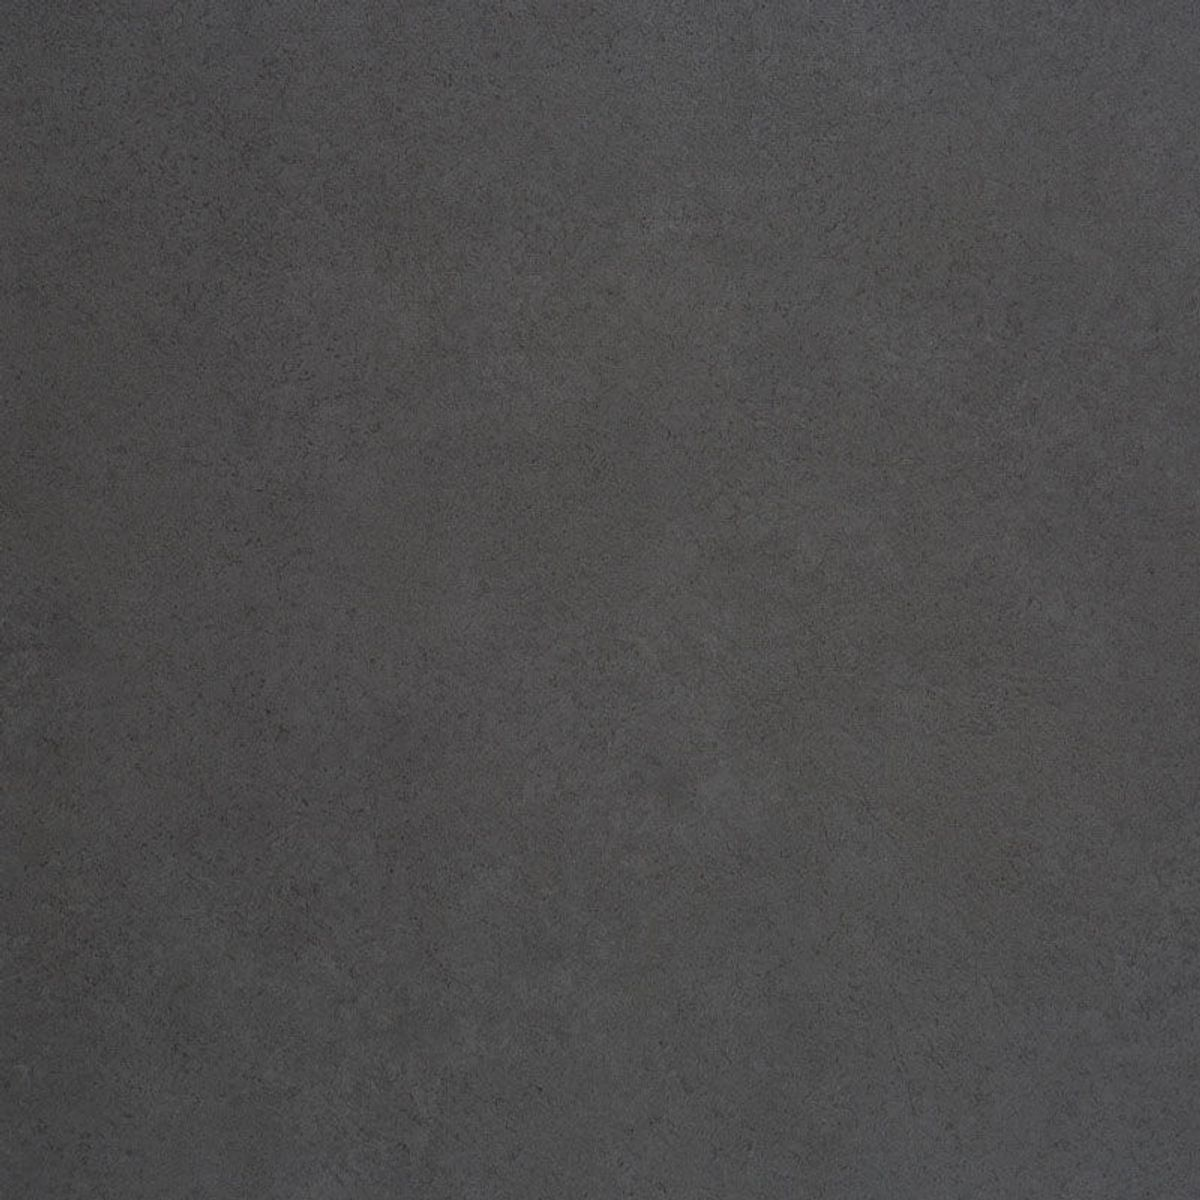 Sol vinyle gris anthracite Vicoli 200cm